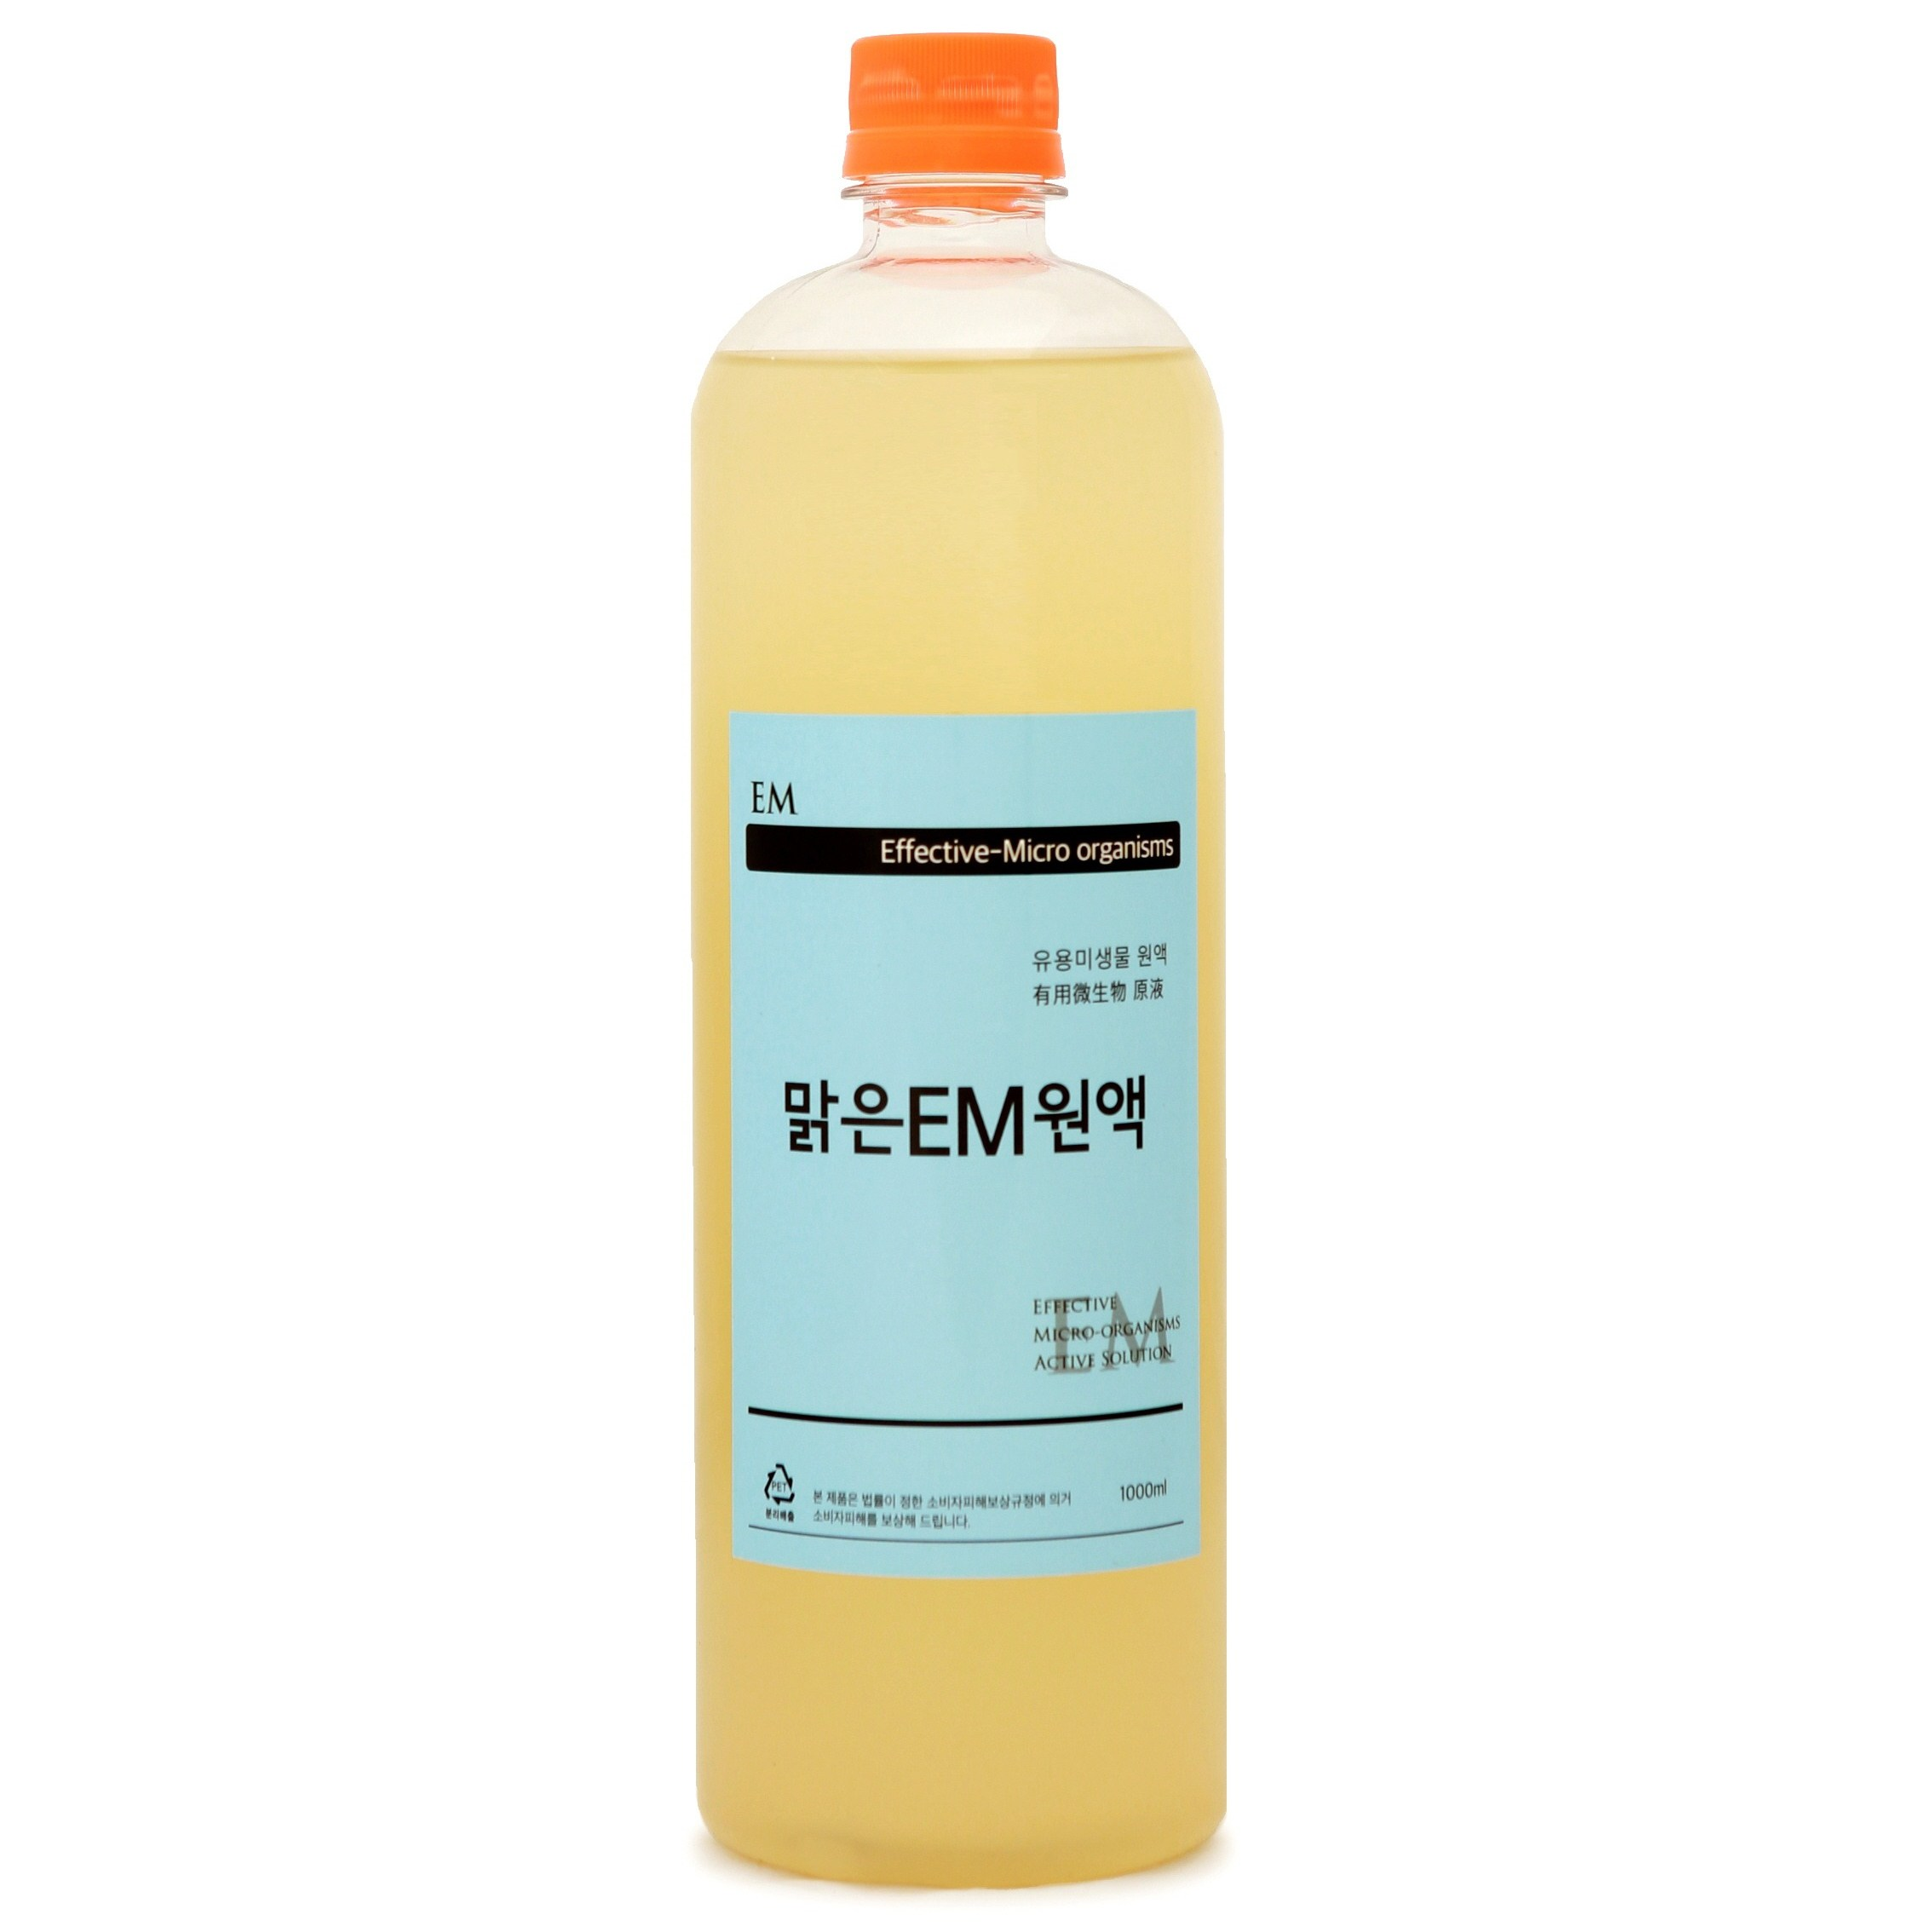 이엠그린 맑은EM원액, 2병, 1L